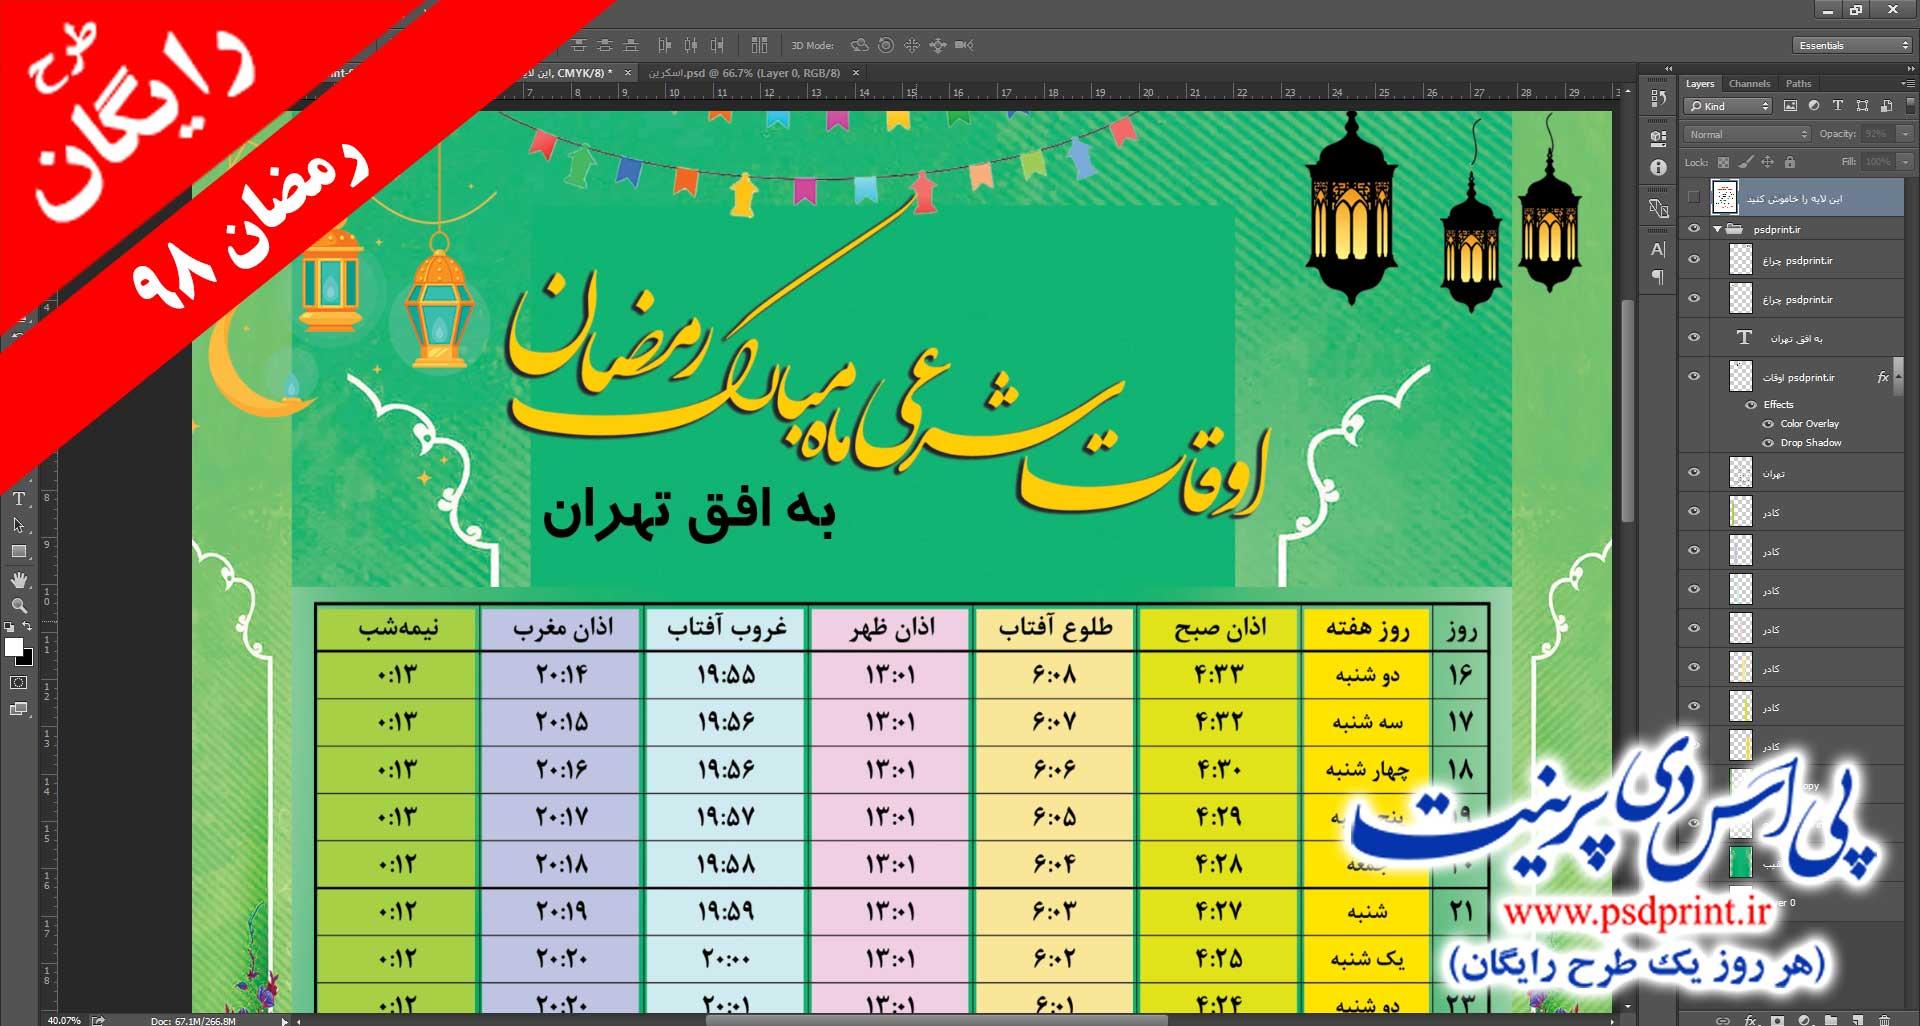 بنر لایه باز اوقات شرعی رمضان 98